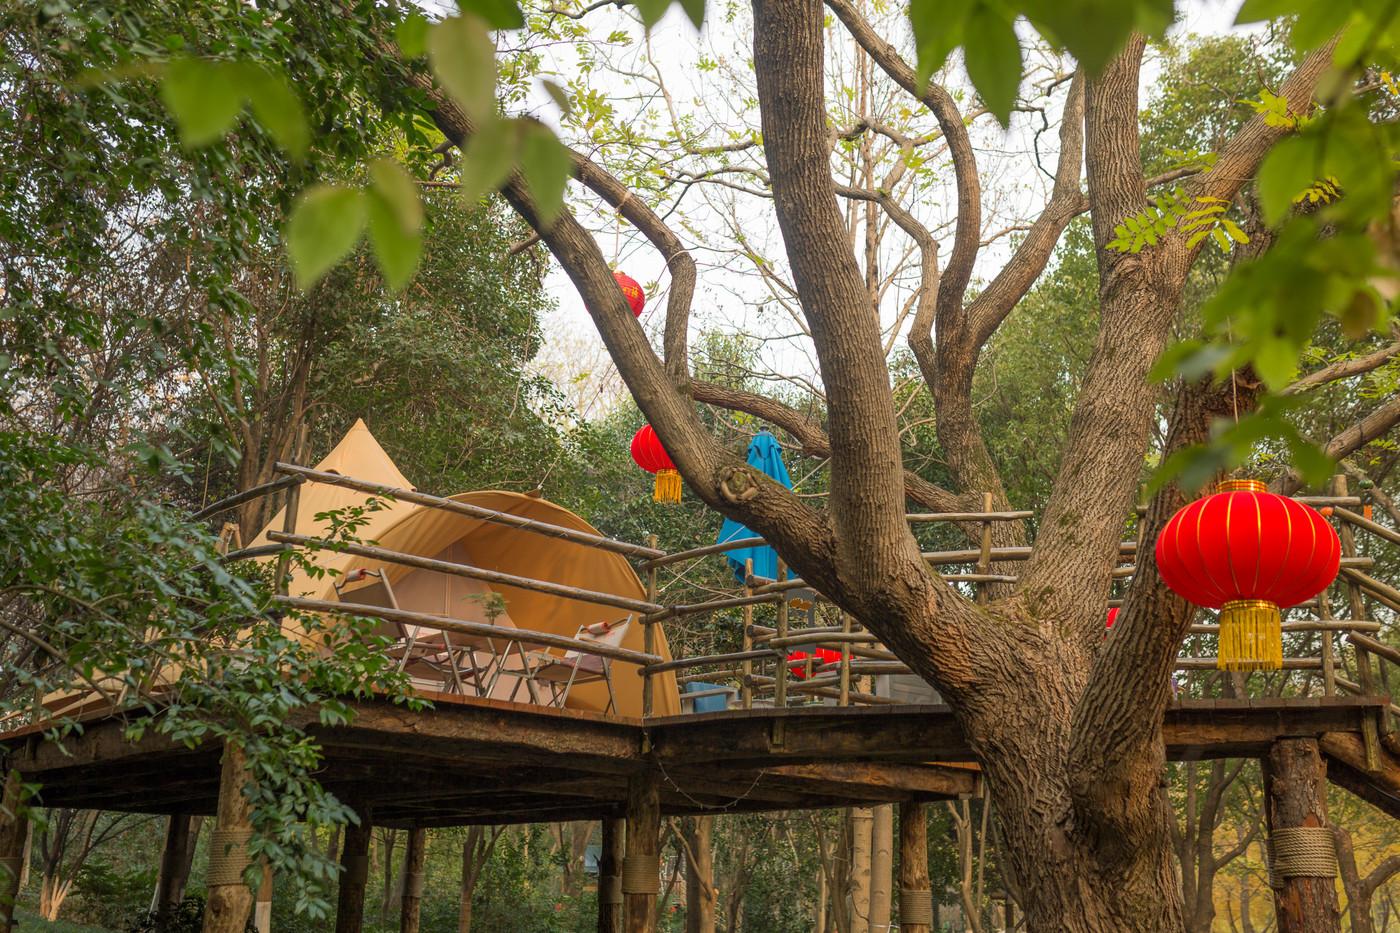 喜马拉雅野奢帐篷酒店—江苏常州天目湖树屋帐篷酒店19